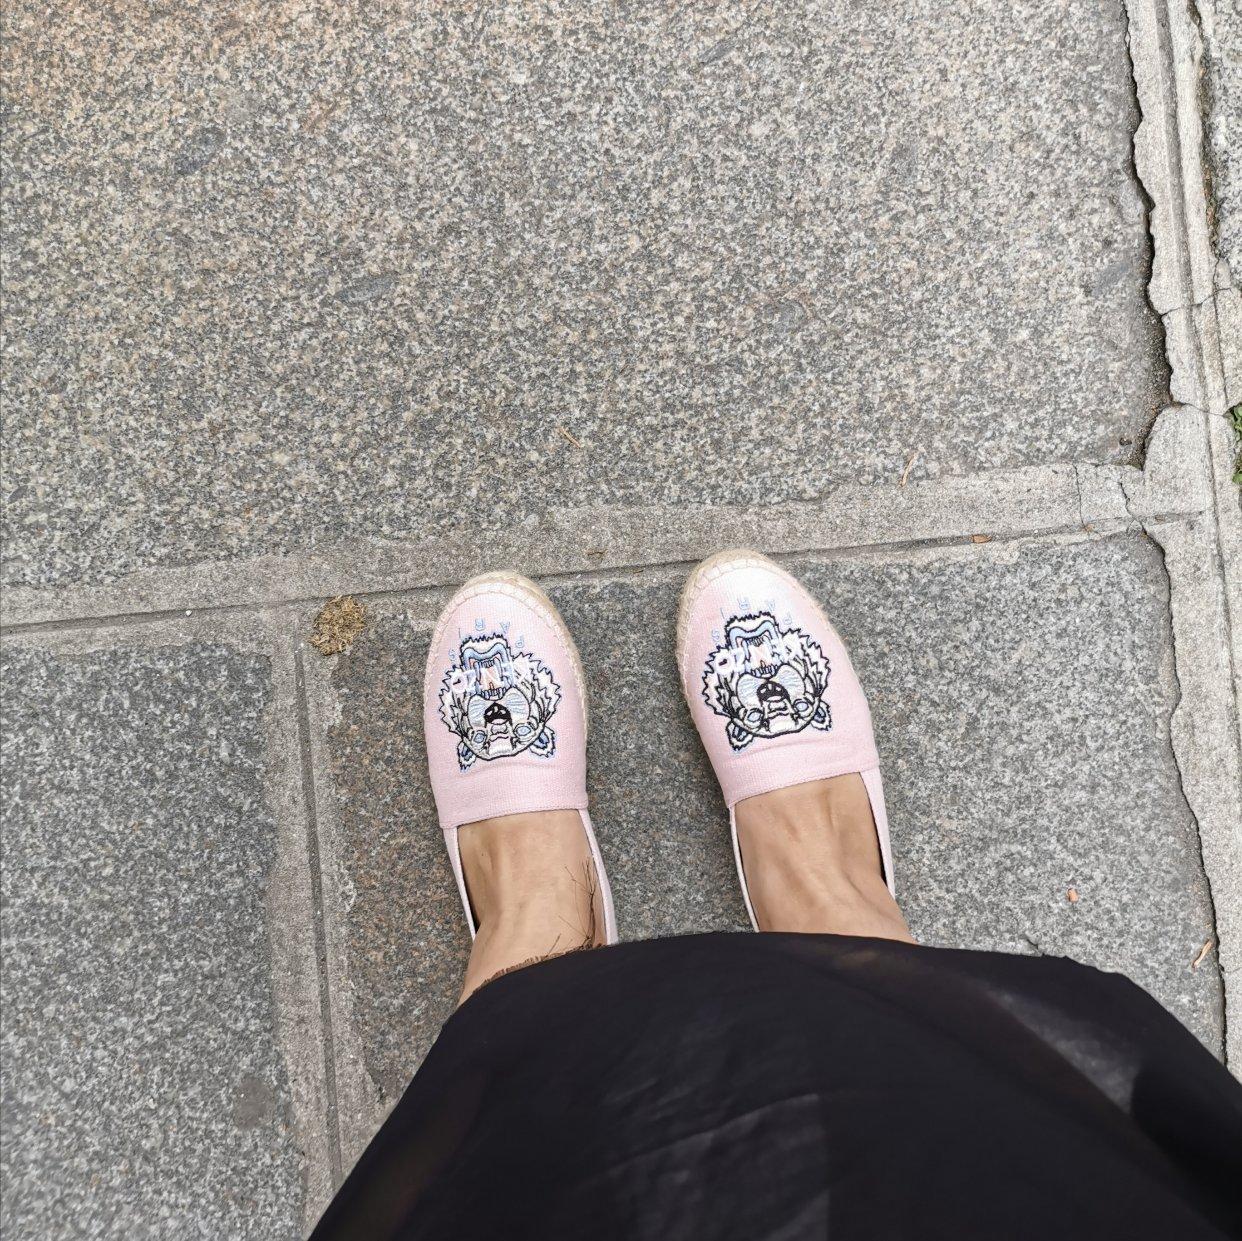 河谷一日游,佛系入手粉嫩的小鞋鞋